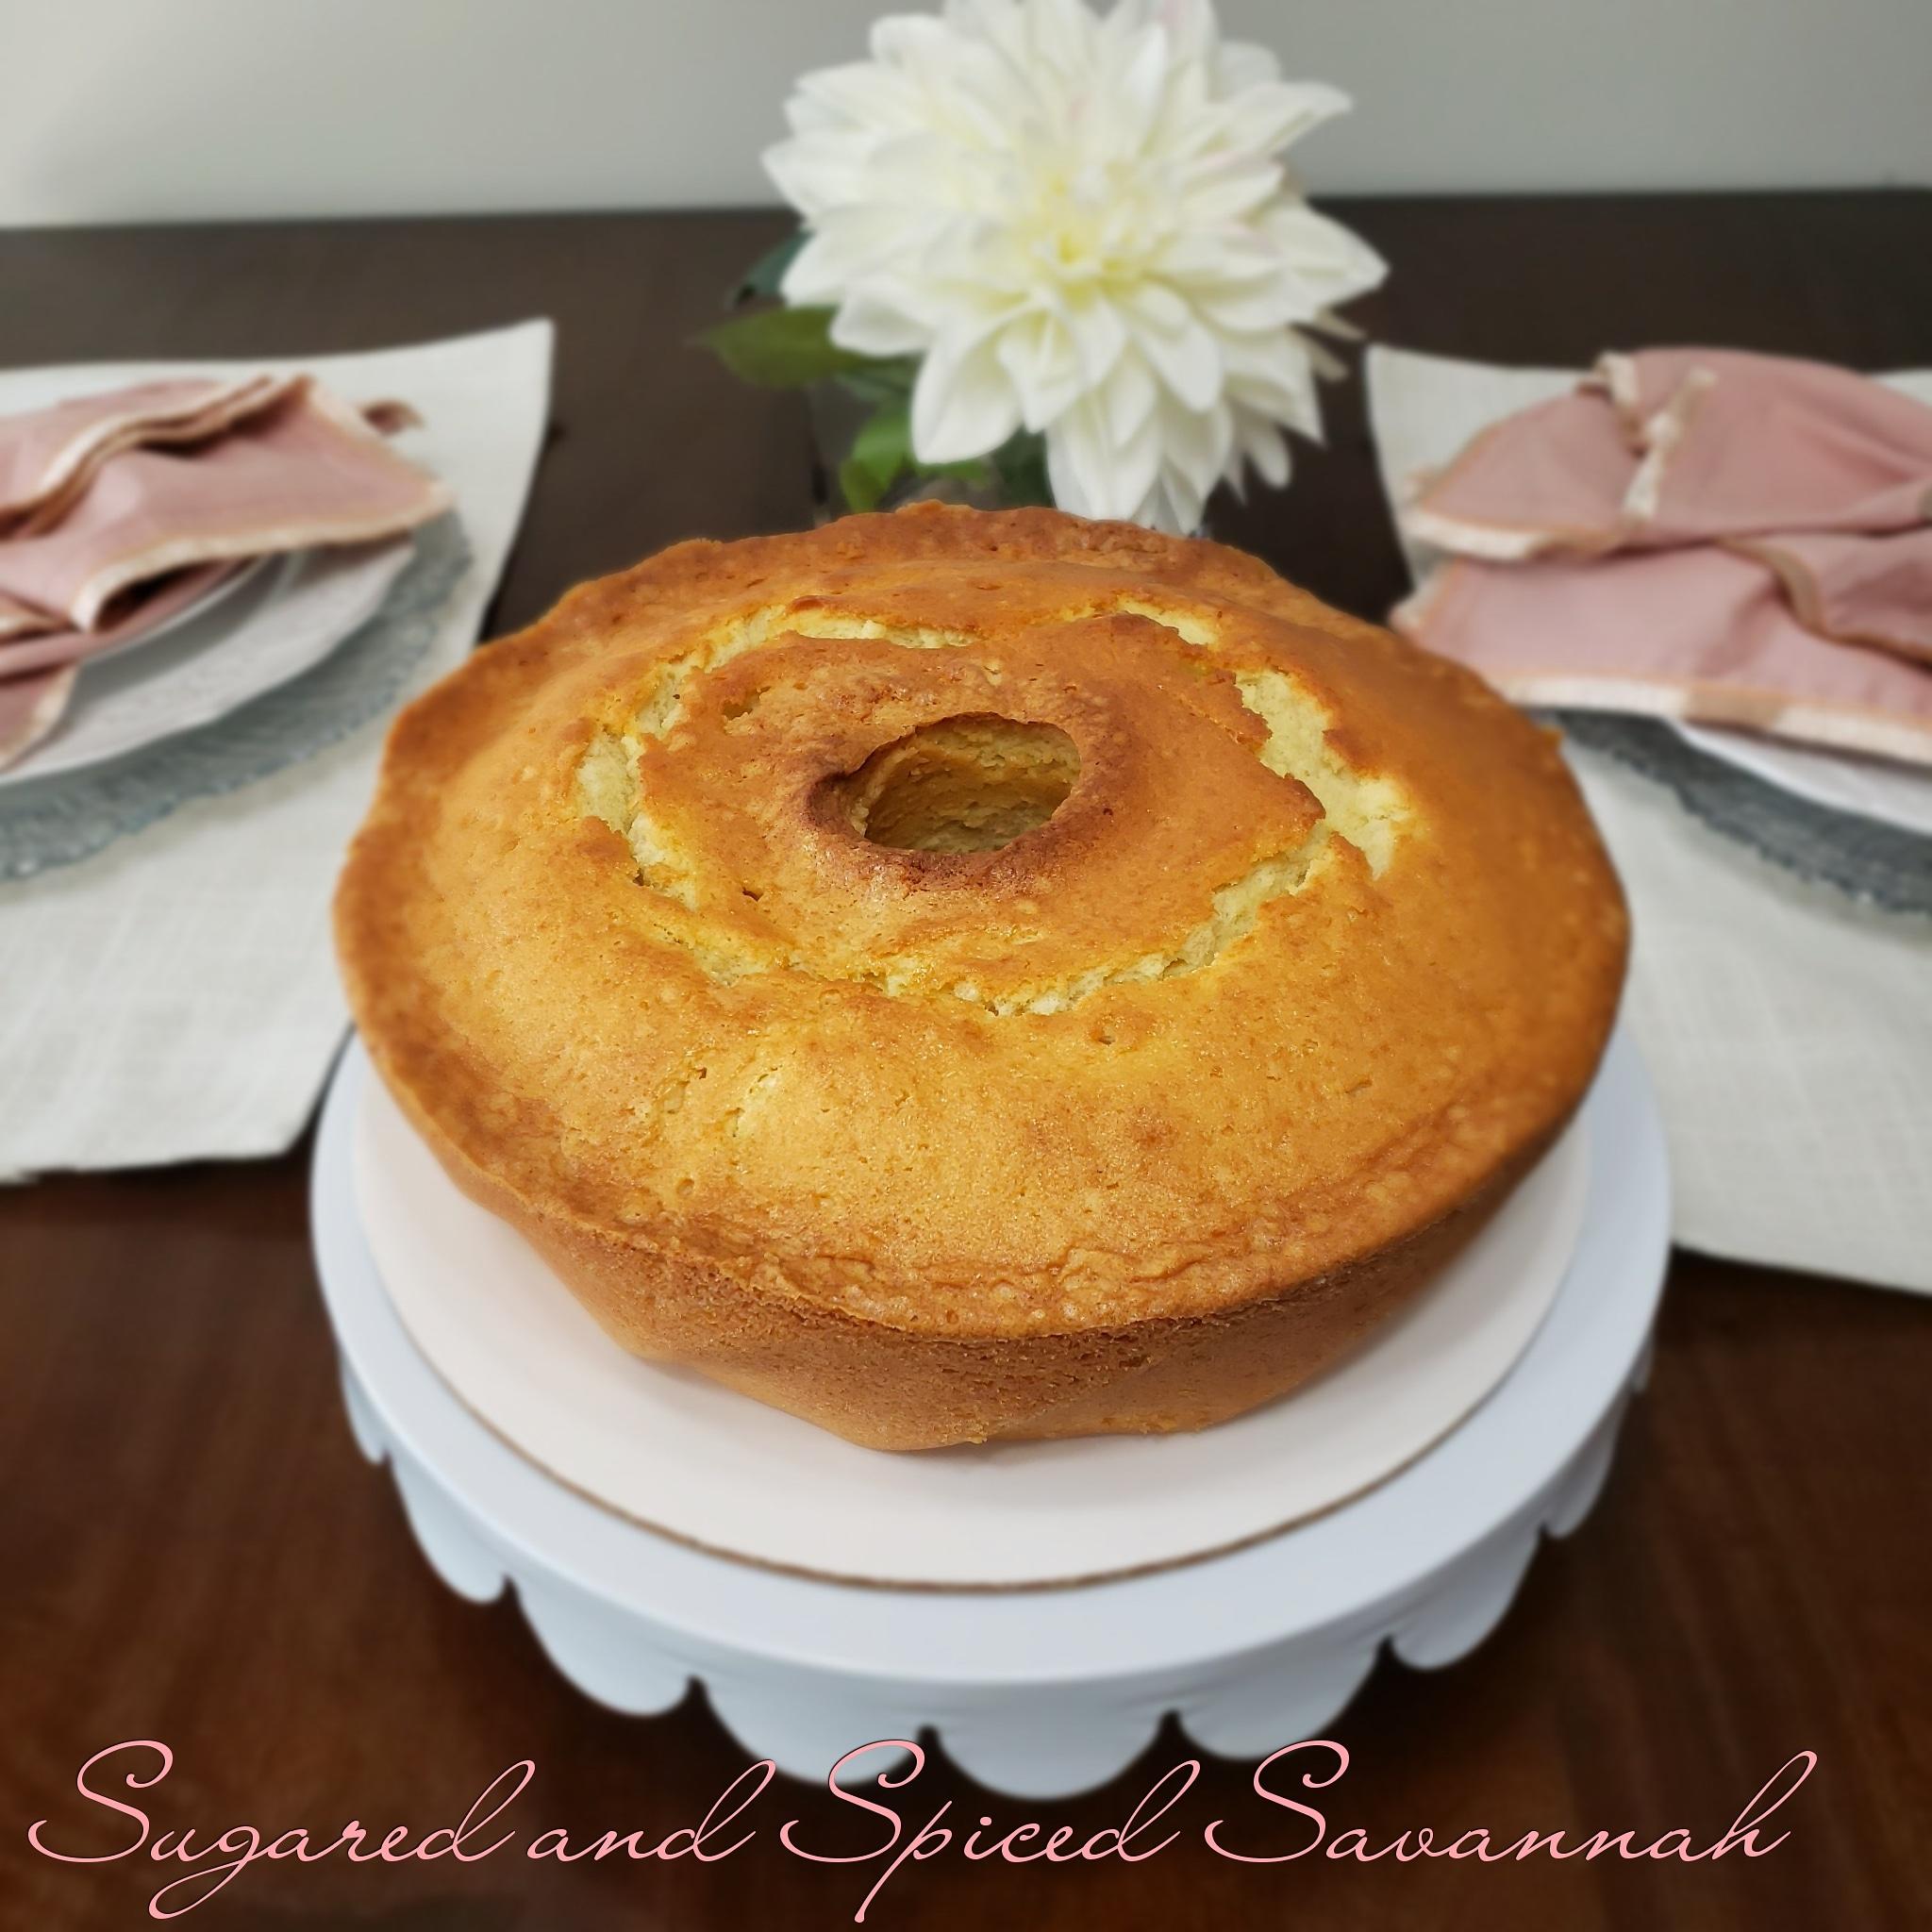 Sugared & Spiced Savannah